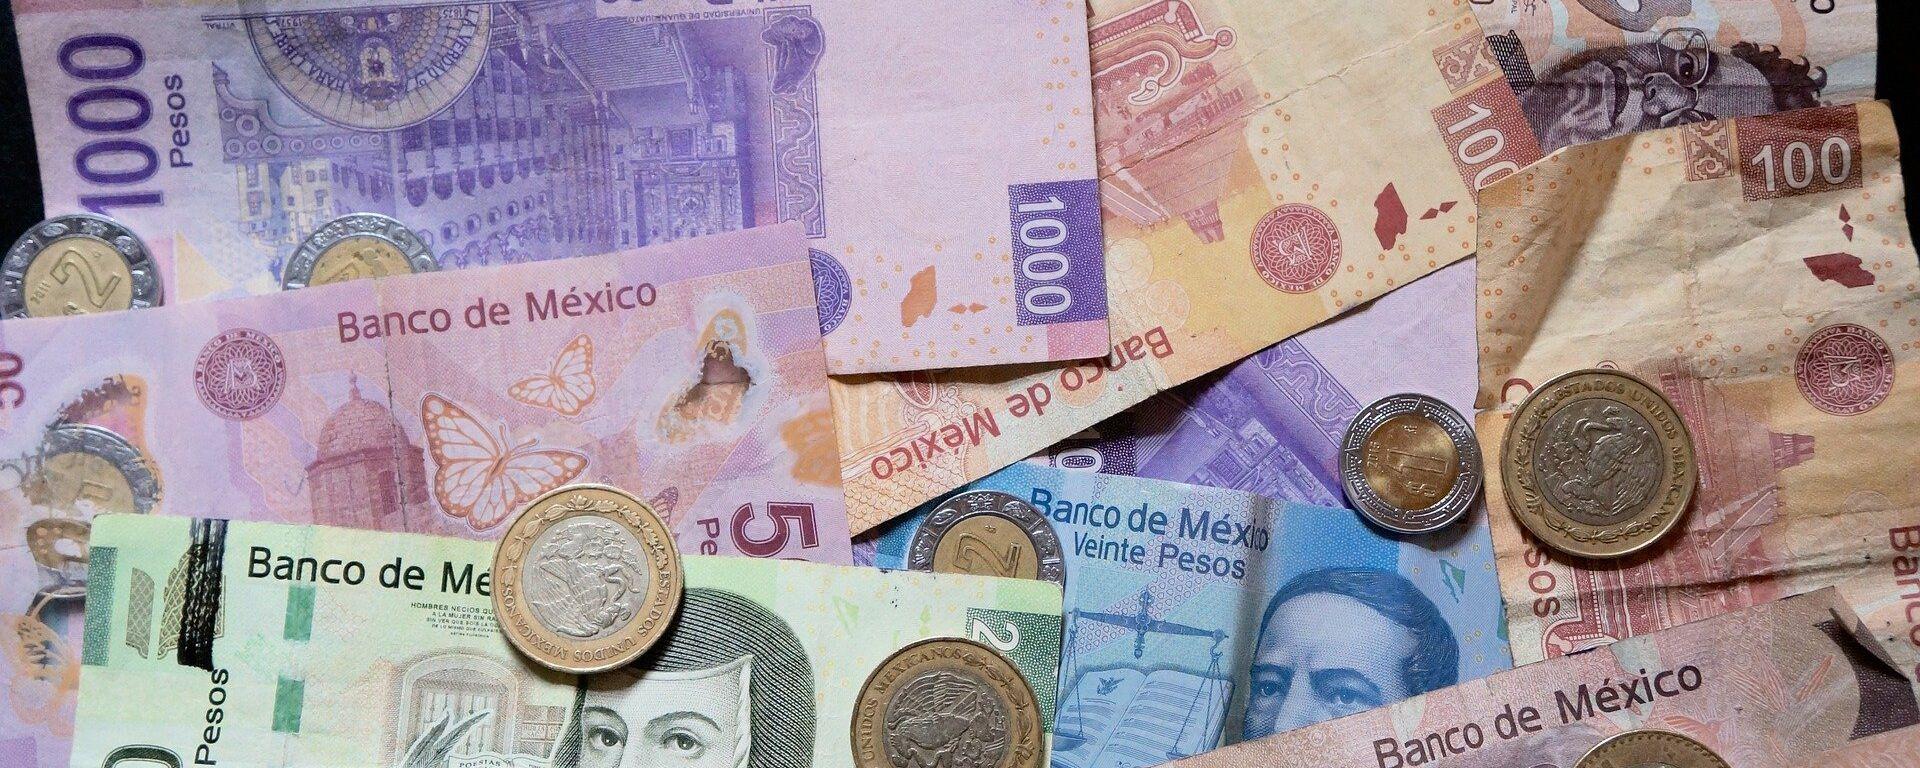 Pesos mexicanos (imagen referencial) - Sputnik Mundo, 1920, 21.05.2020